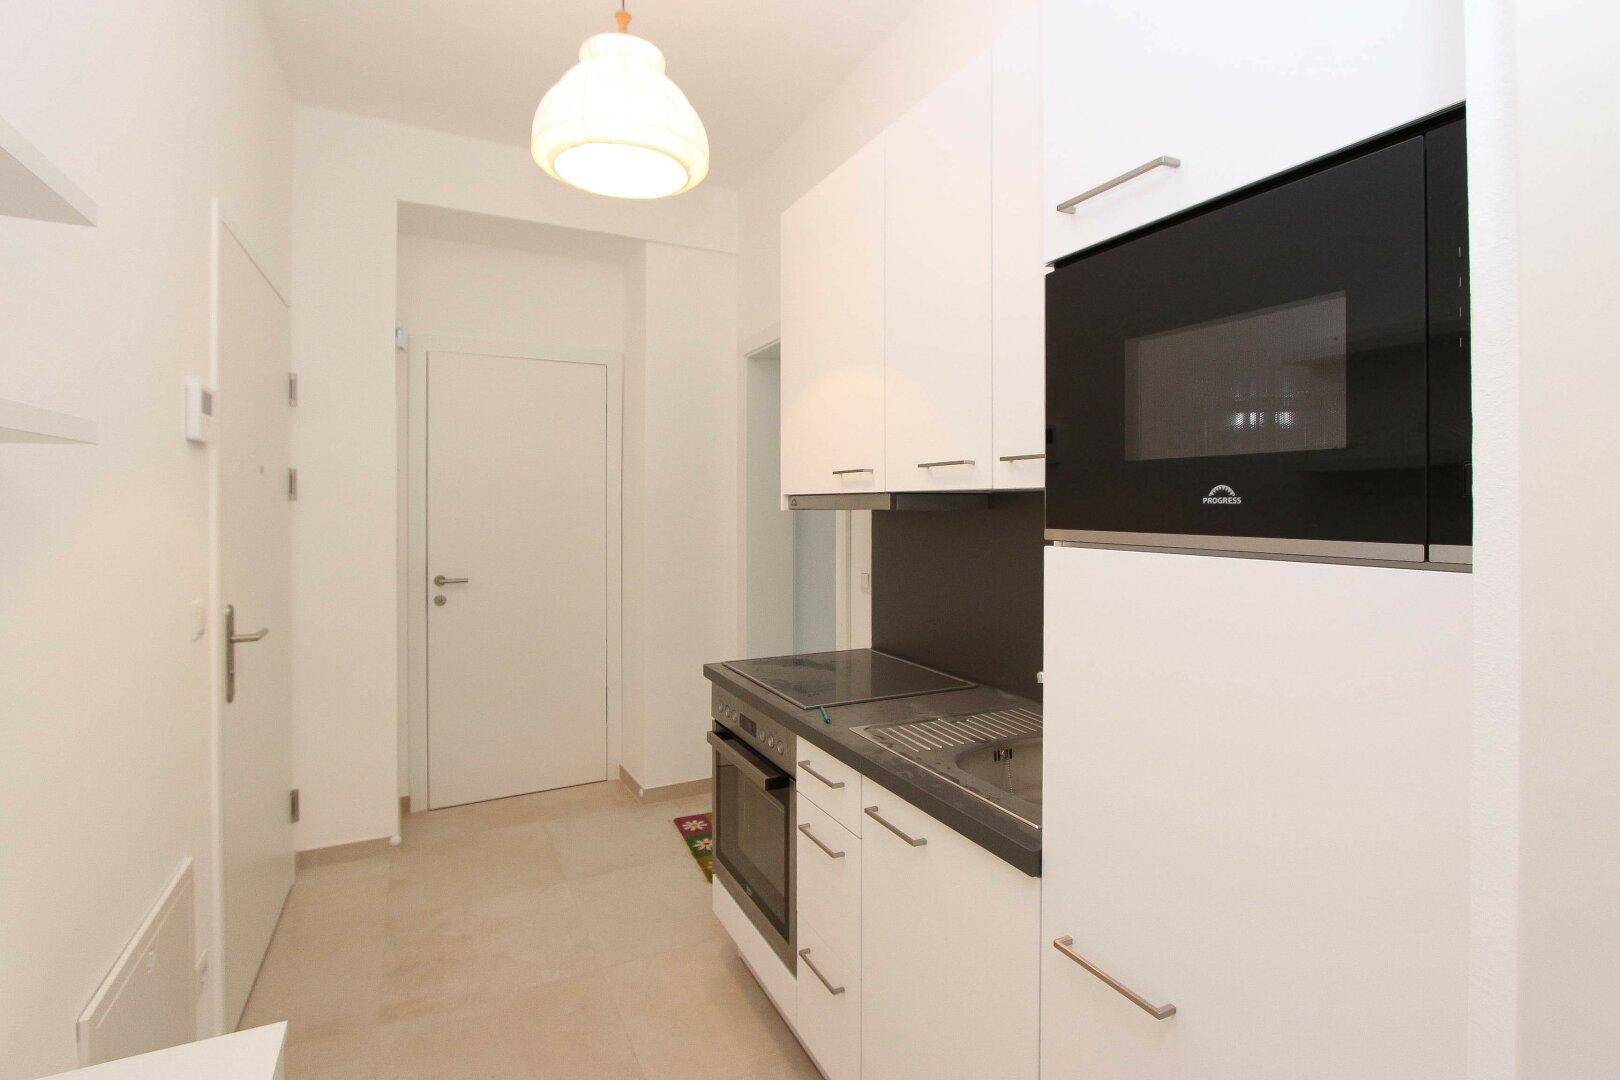 Eingangsbereich + Küche